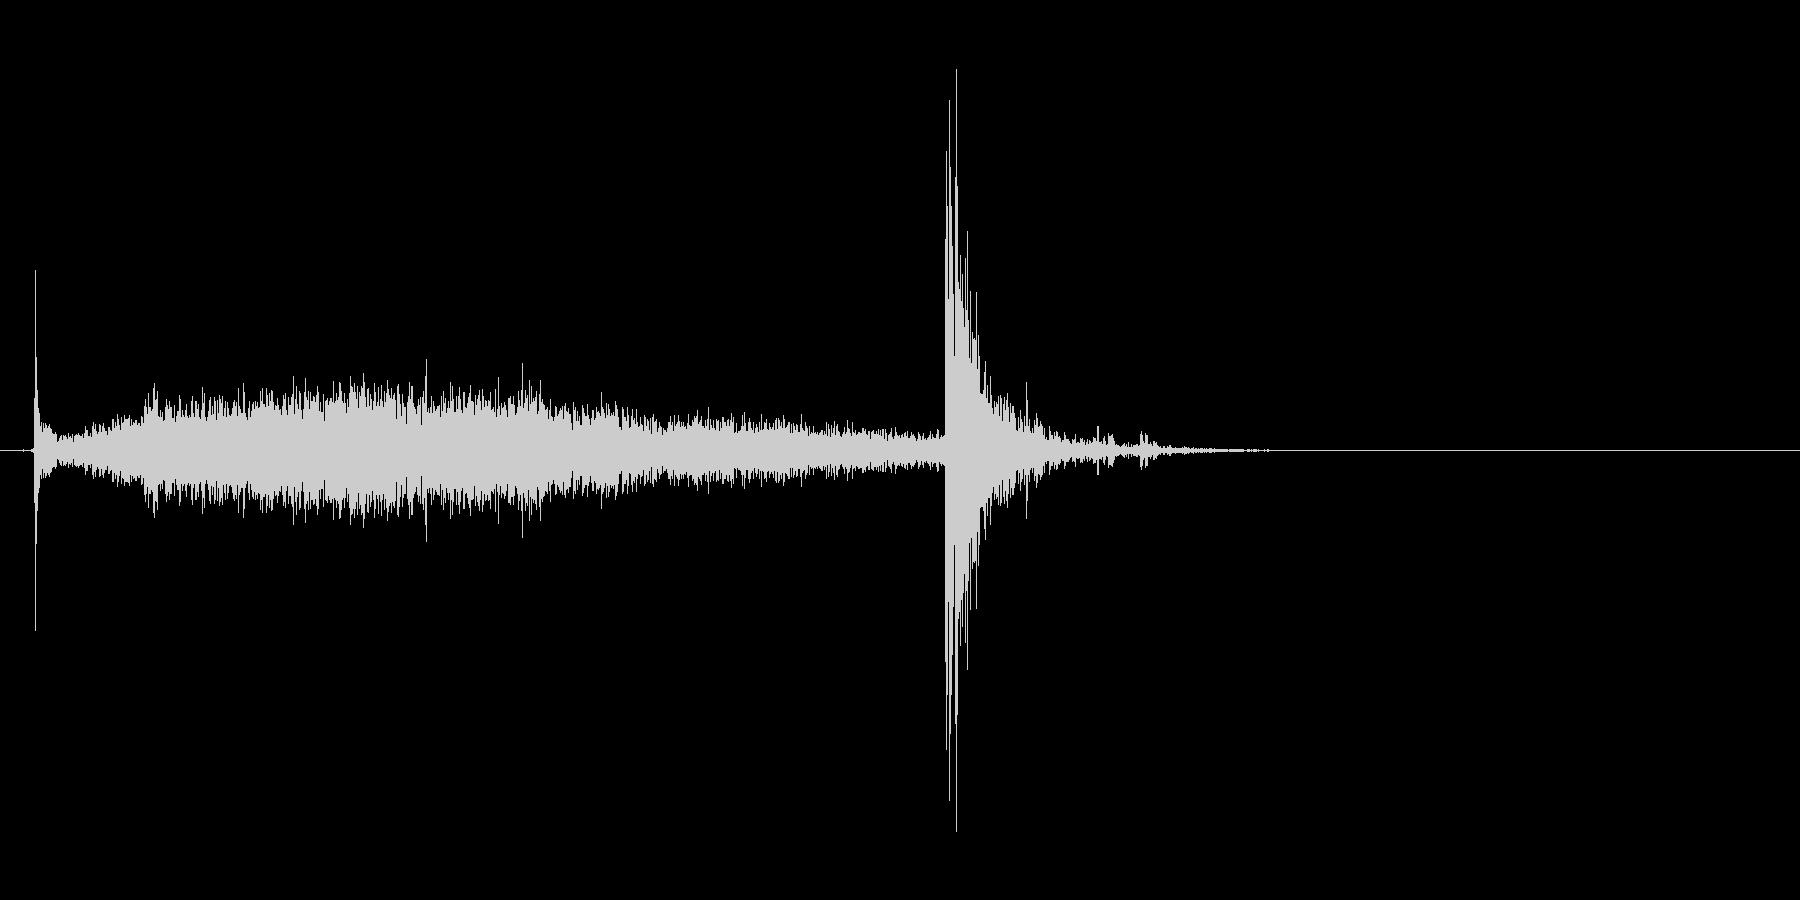 ふすまを閉める音(シャーッ→ピシャン)の未再生の波形